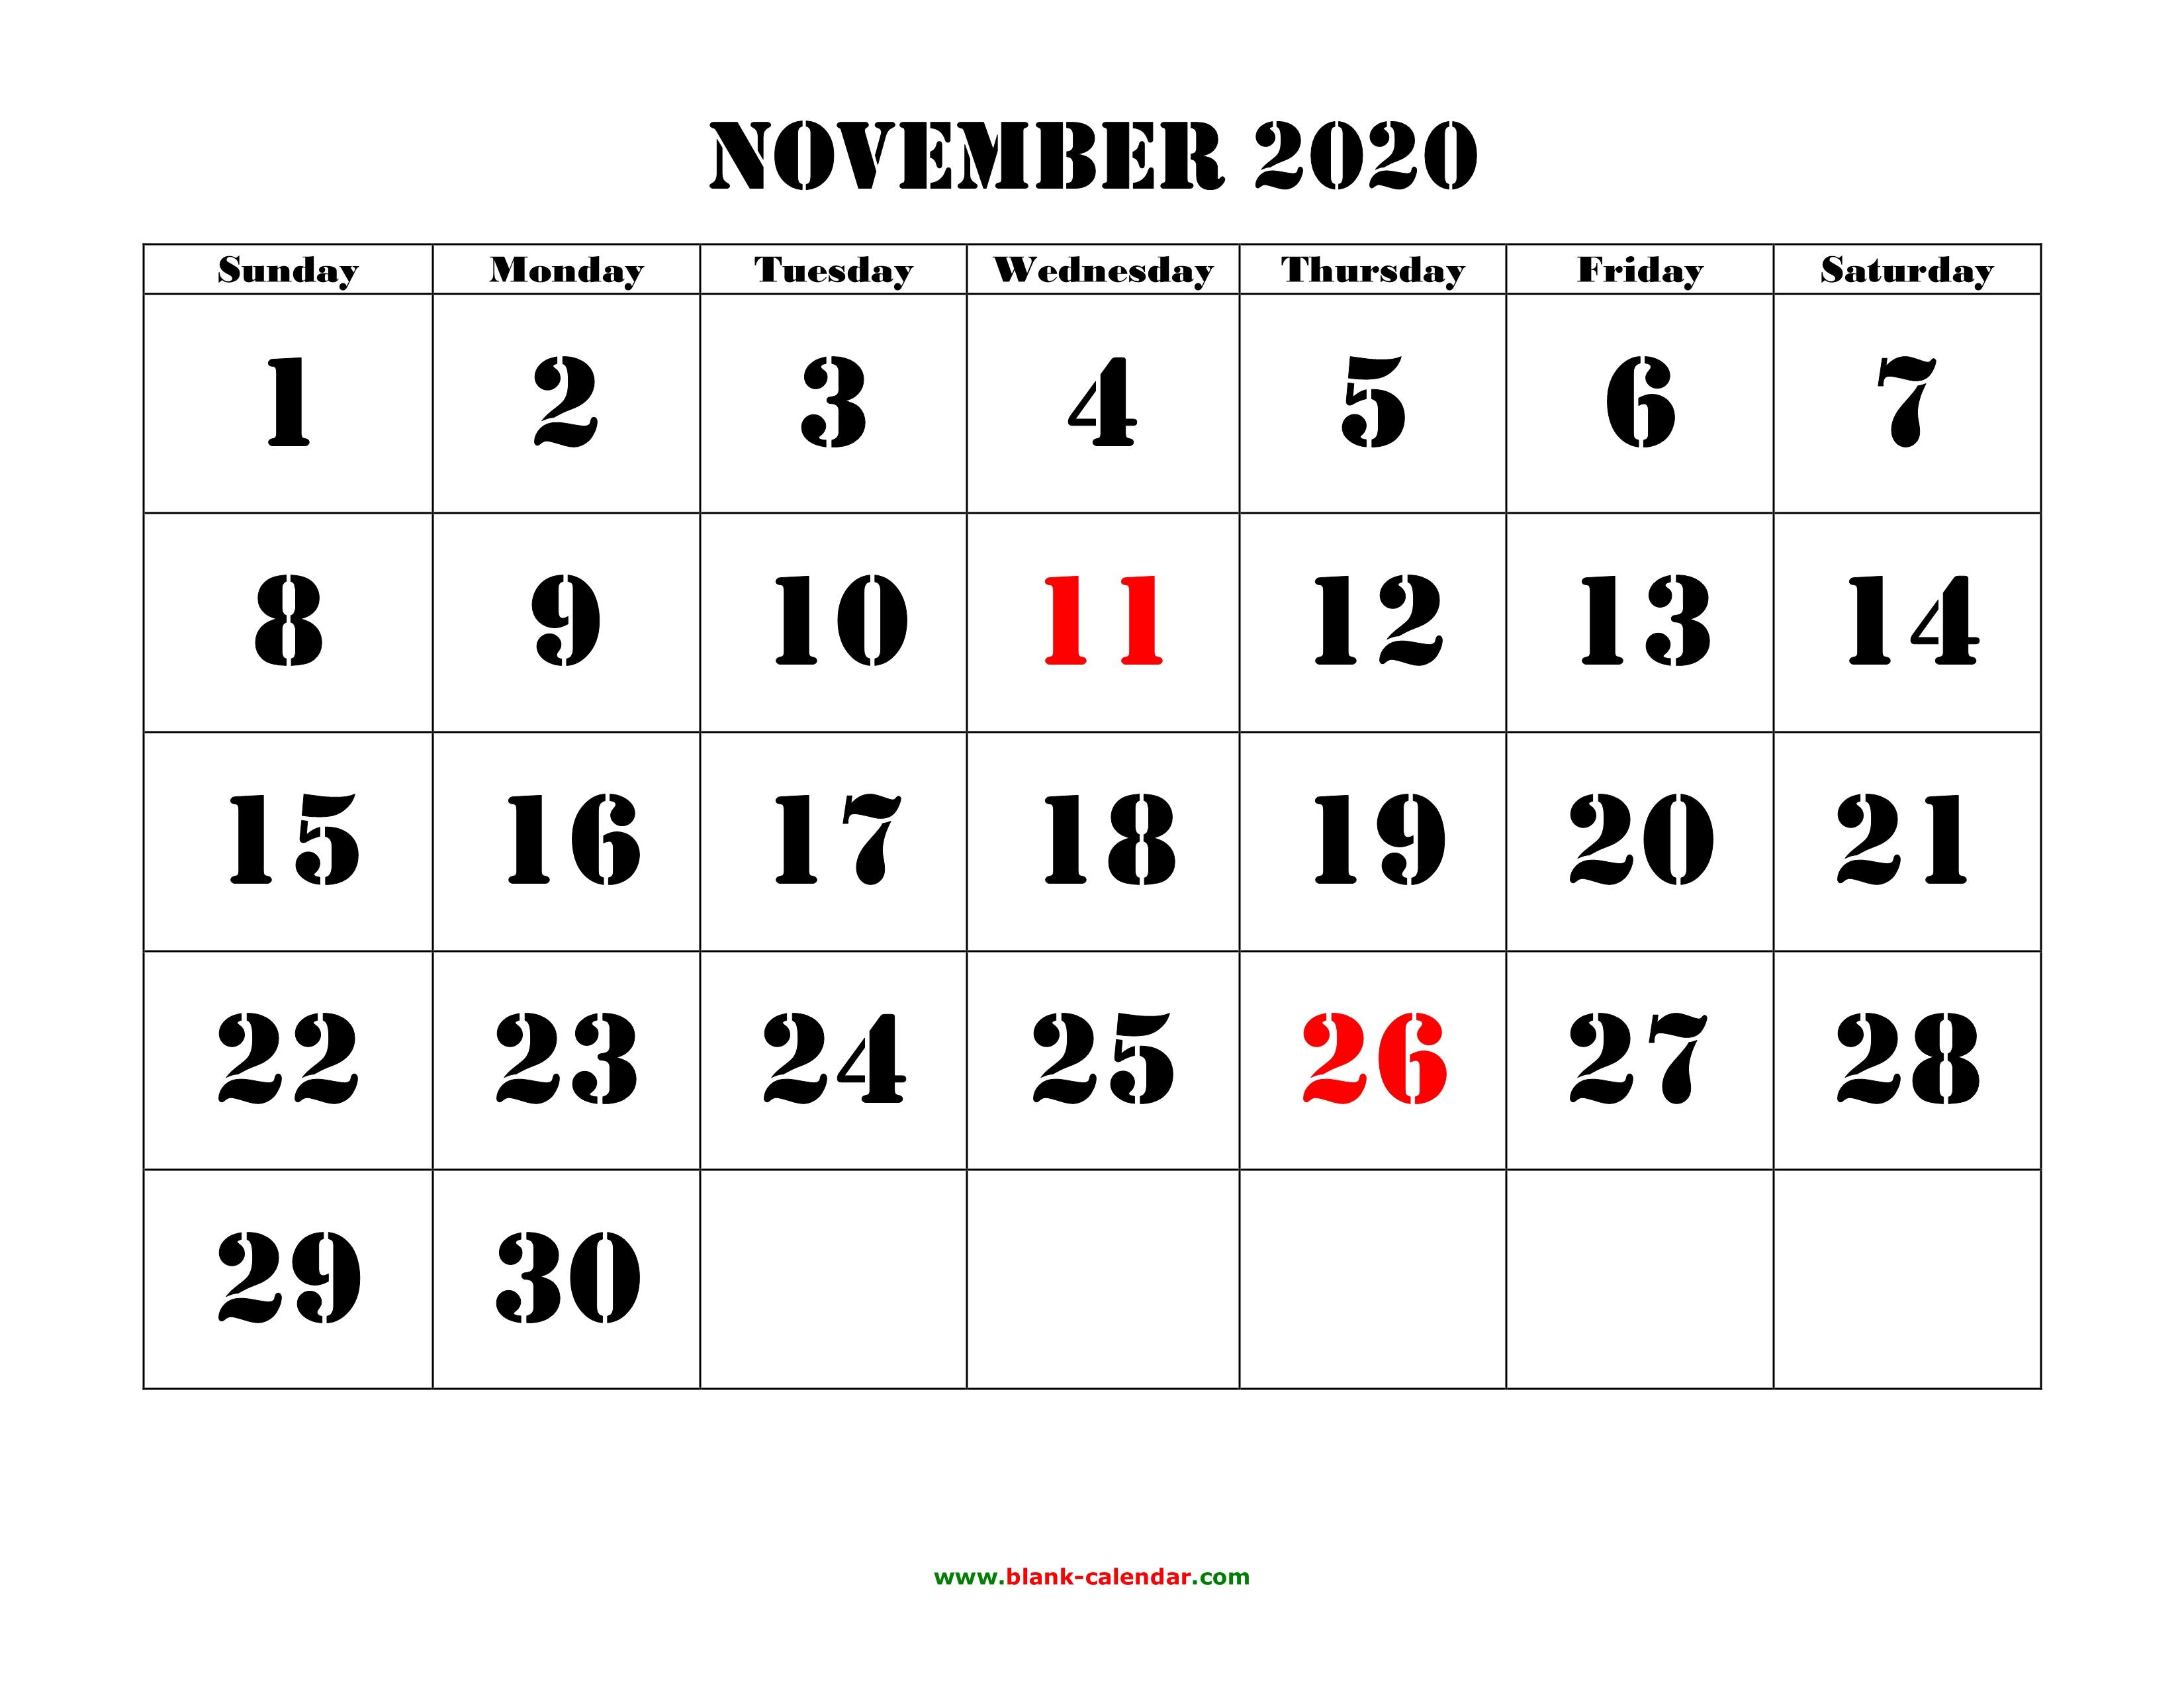 Free Download Printable November 2020 Calendar, Large Font